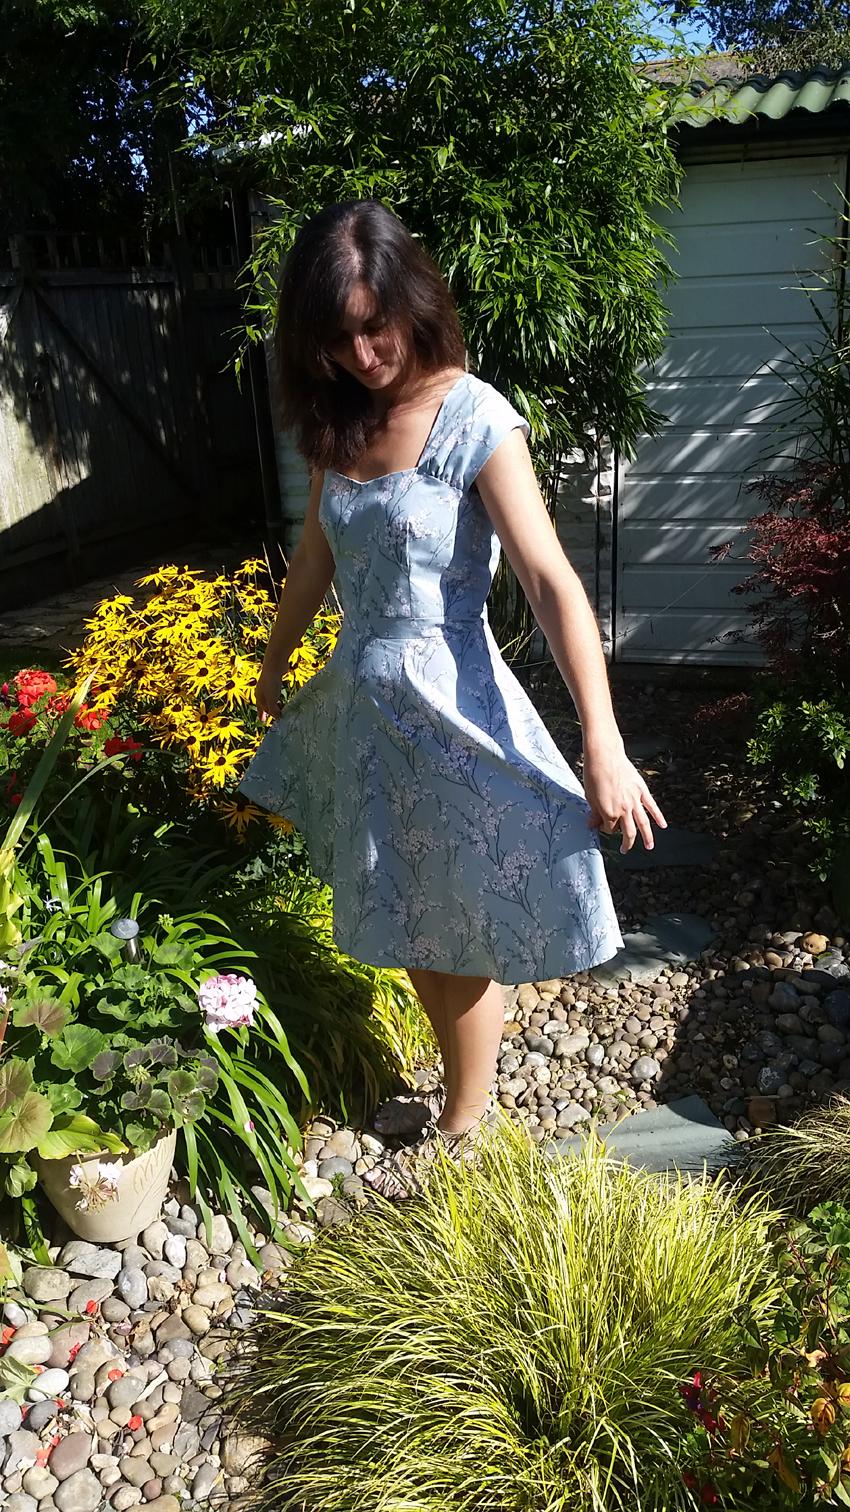 bluedress2.jpg